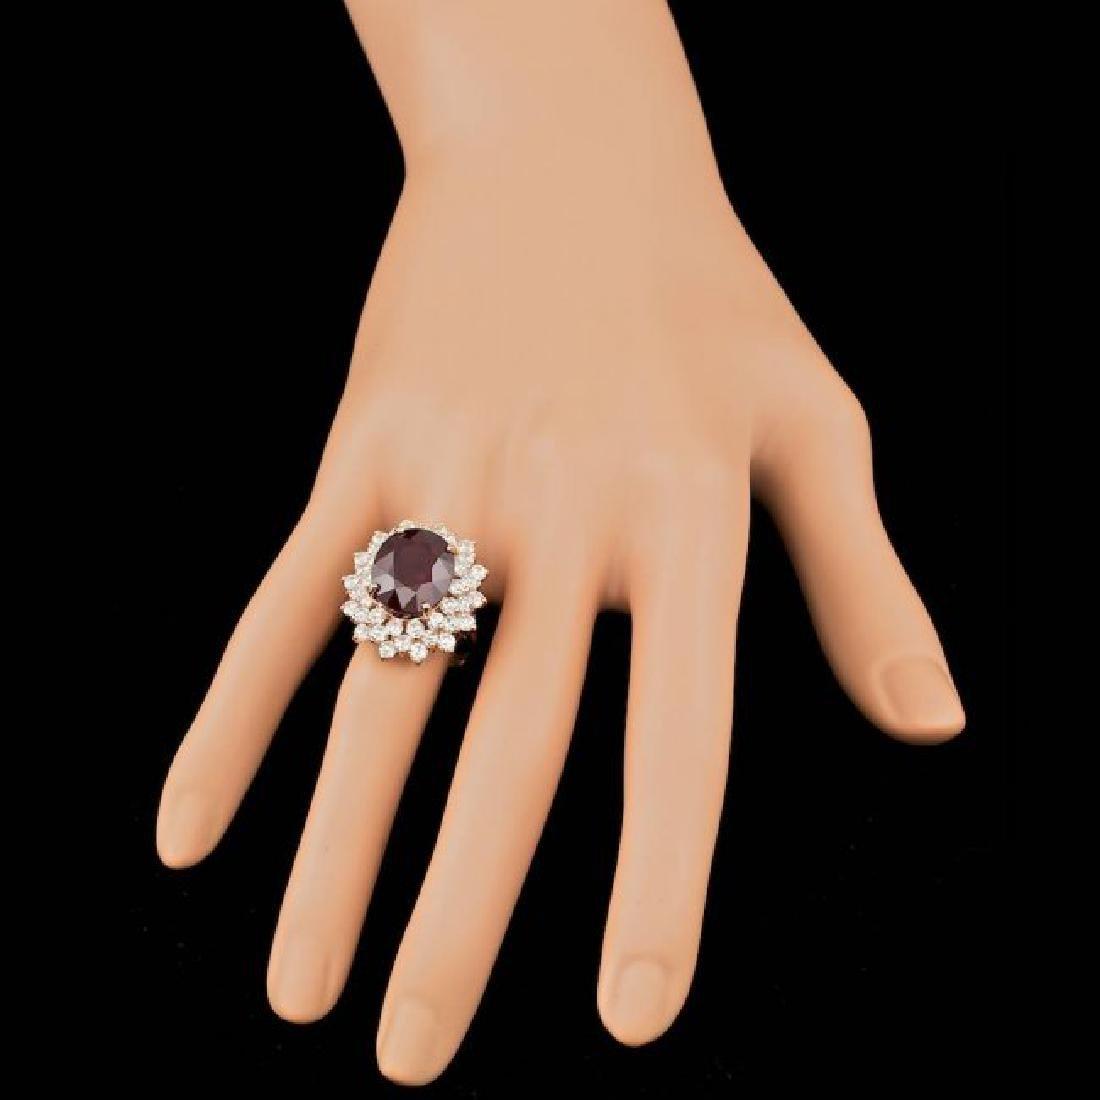 14k Rose Gold 13.00ct Ruby 3.20ct Diamond Ring - 3